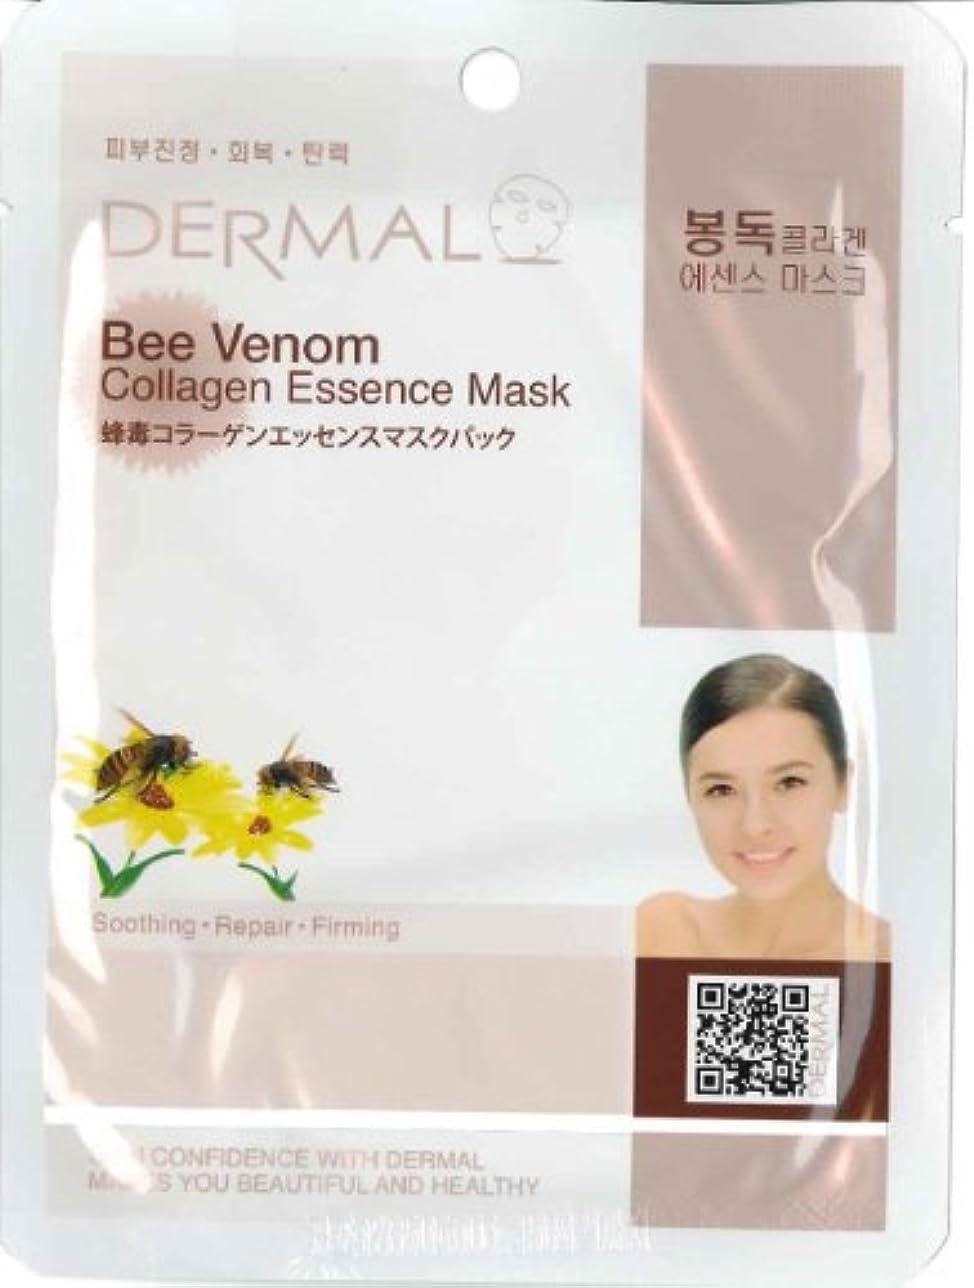 蜂毒パック(フェイスパック)ミツバチ毒シートマスク 100枚セット ダーマル(Dermal)